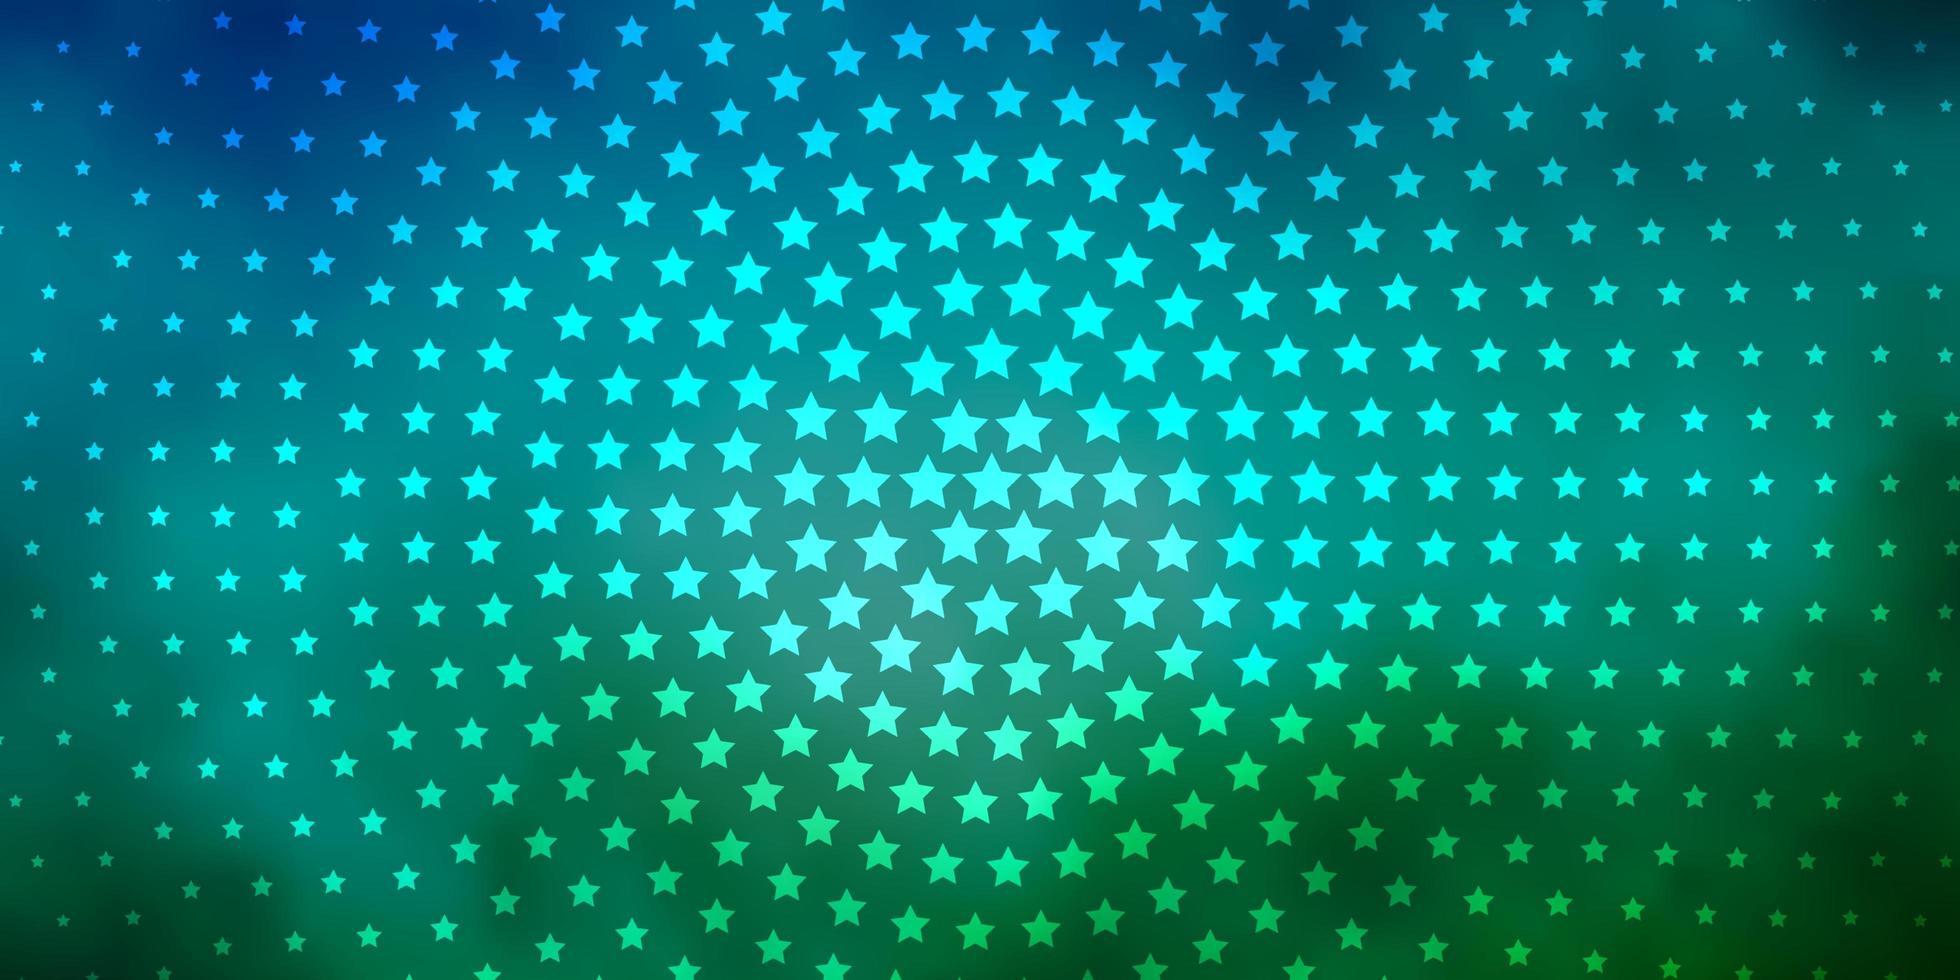 fond bleu et vert avec des étoiles colorées vecteur